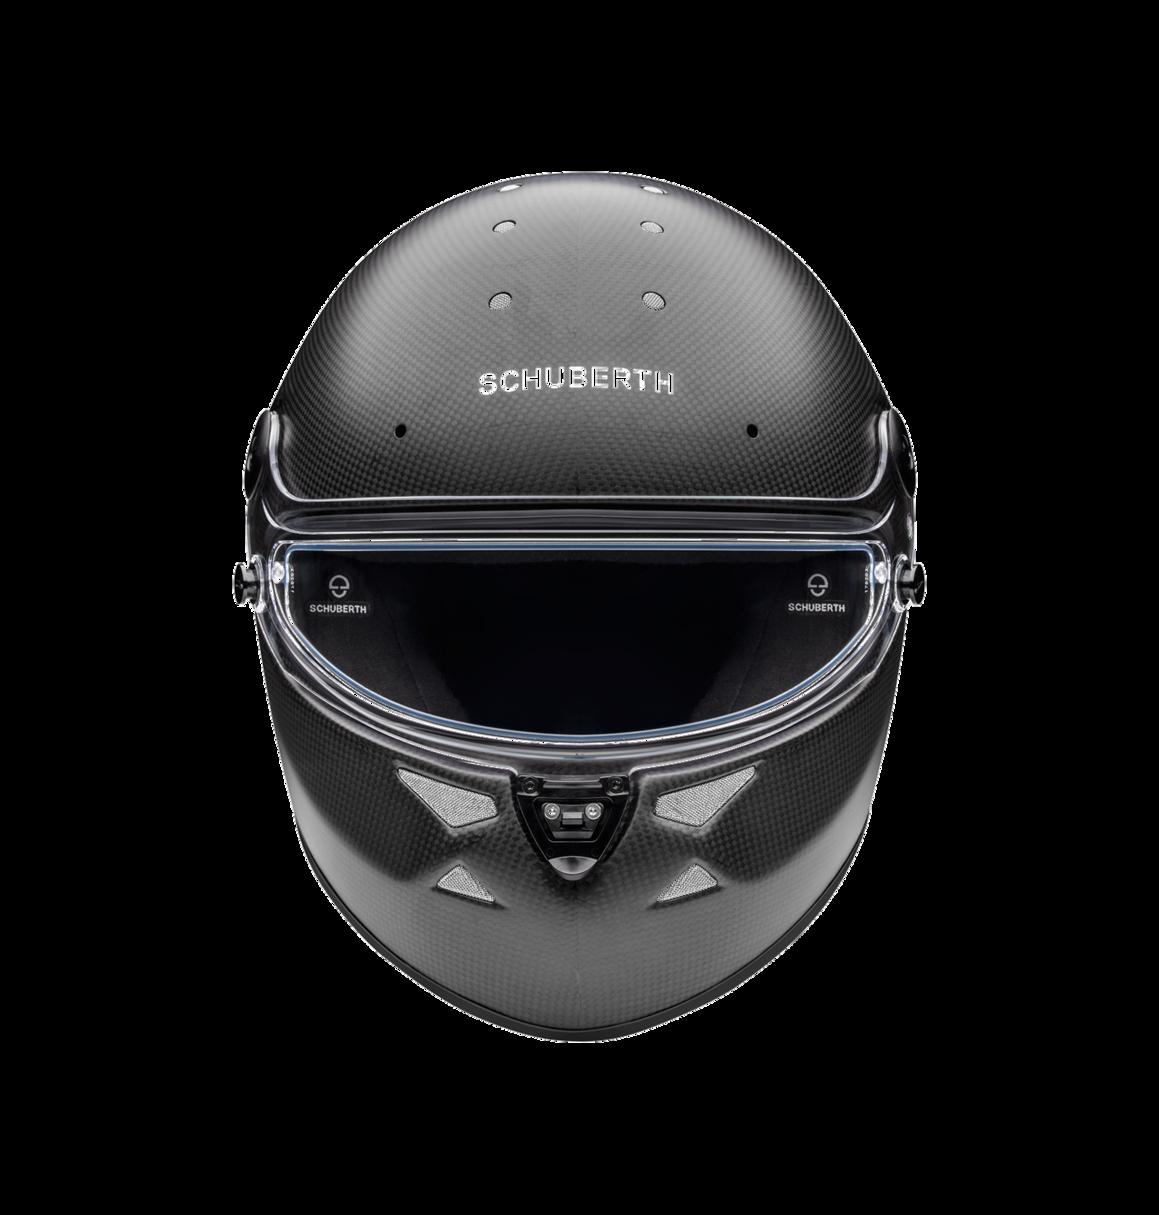 Schuberth SF2 PRO Carbon Speedwear 3